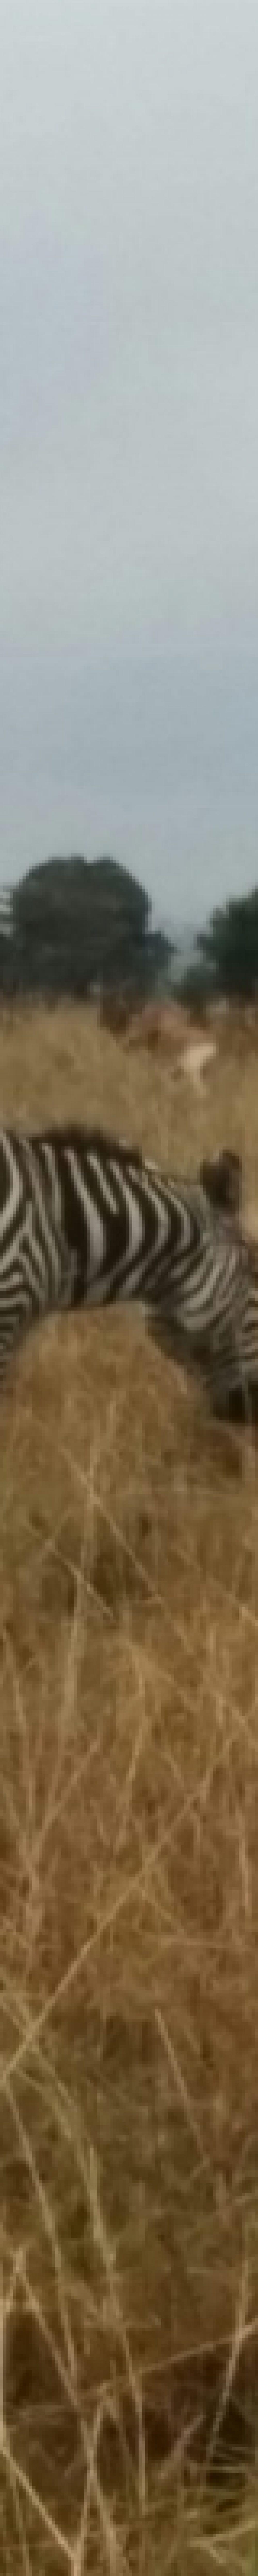 Zebra on the plains of Nairobi National Park